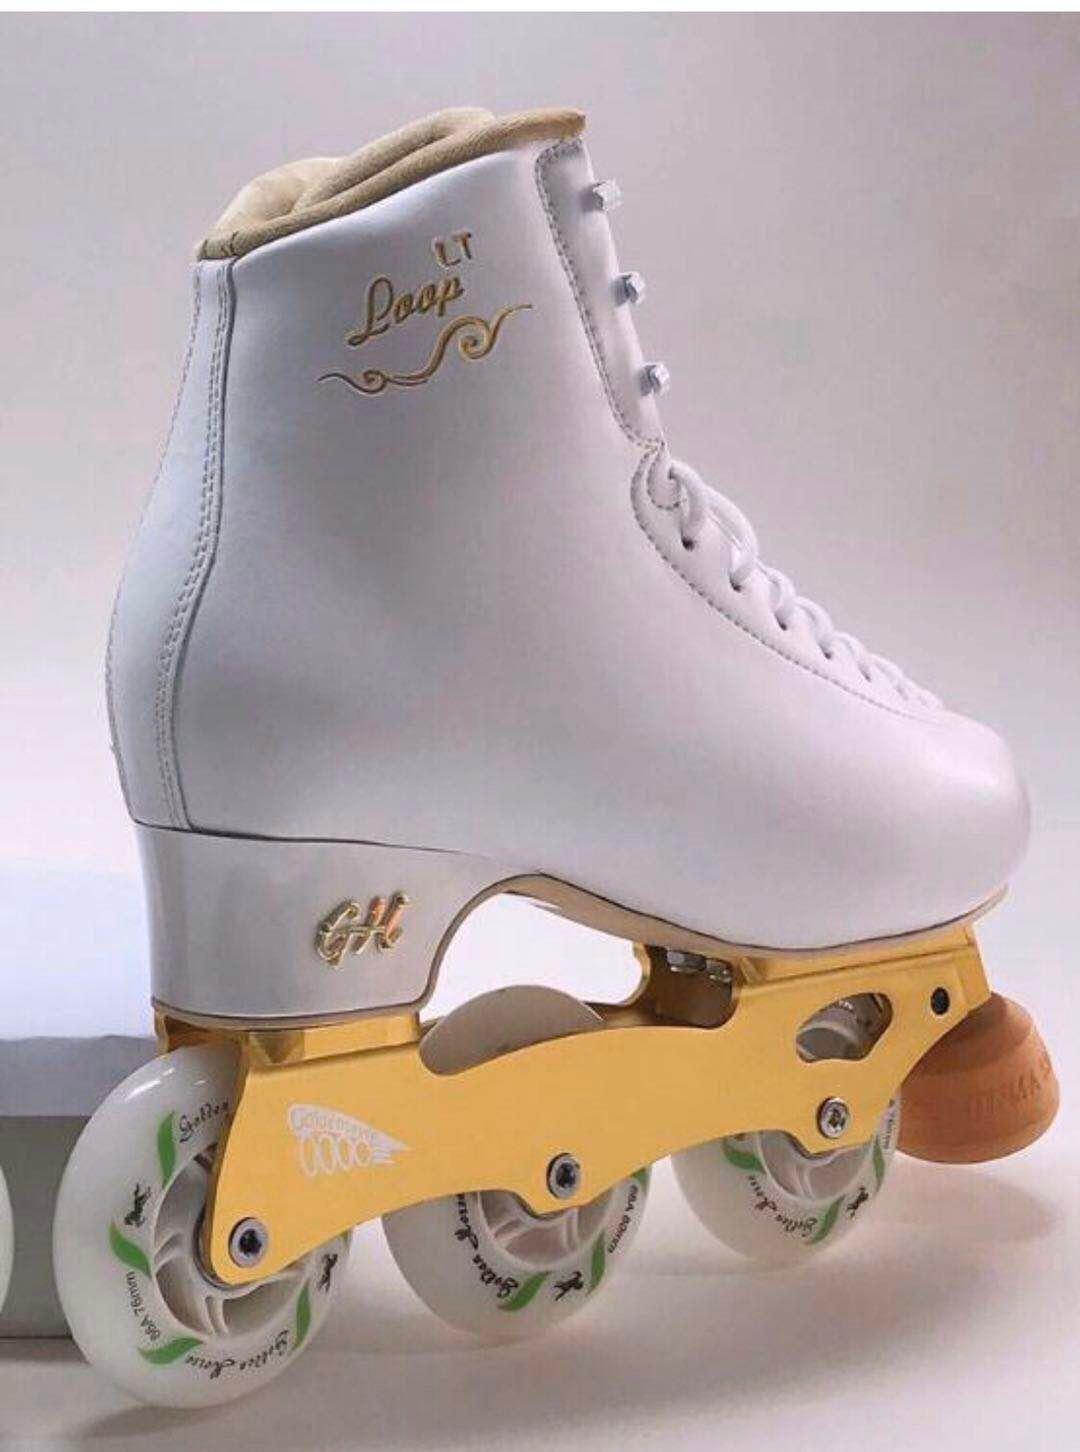 Golden Horse Skate Loop Lt With Inline Frames In 2020 Roller Skate Shoes Roller Shoes Roller Skates Vintage